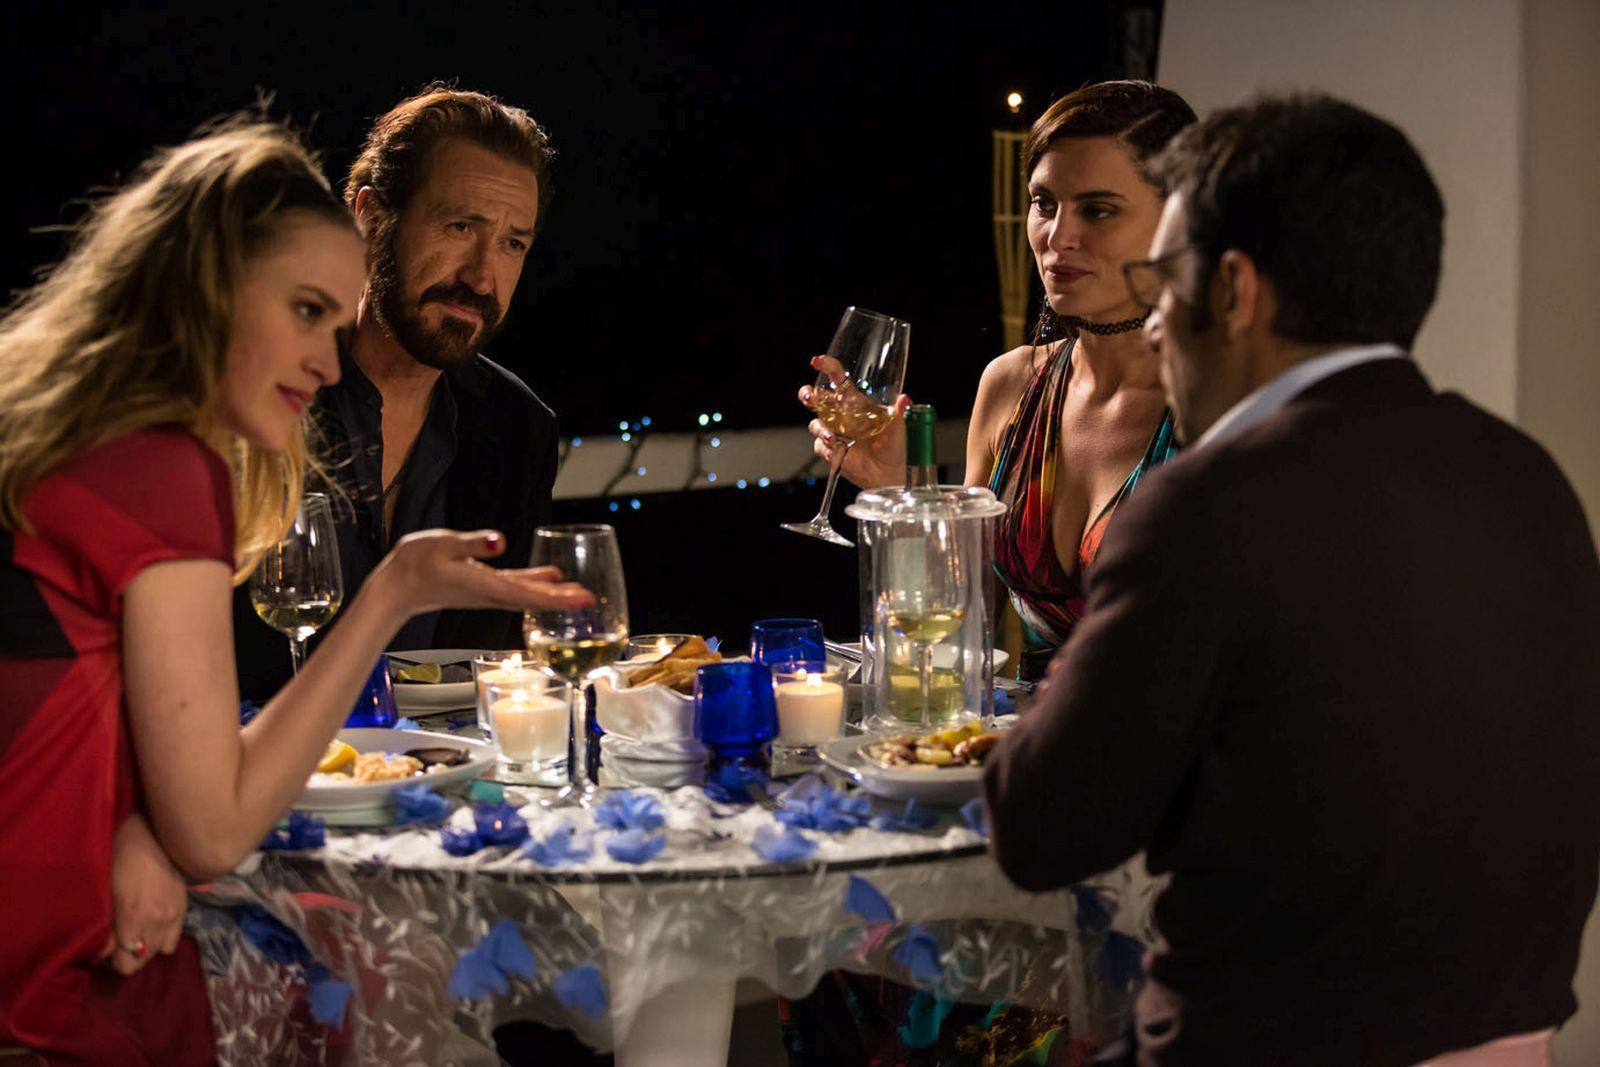 Loro Chi?: Marco Giallini, Catrinel Marlon, Lisa Bor ed Edoardo Leo a cena in una scena del film